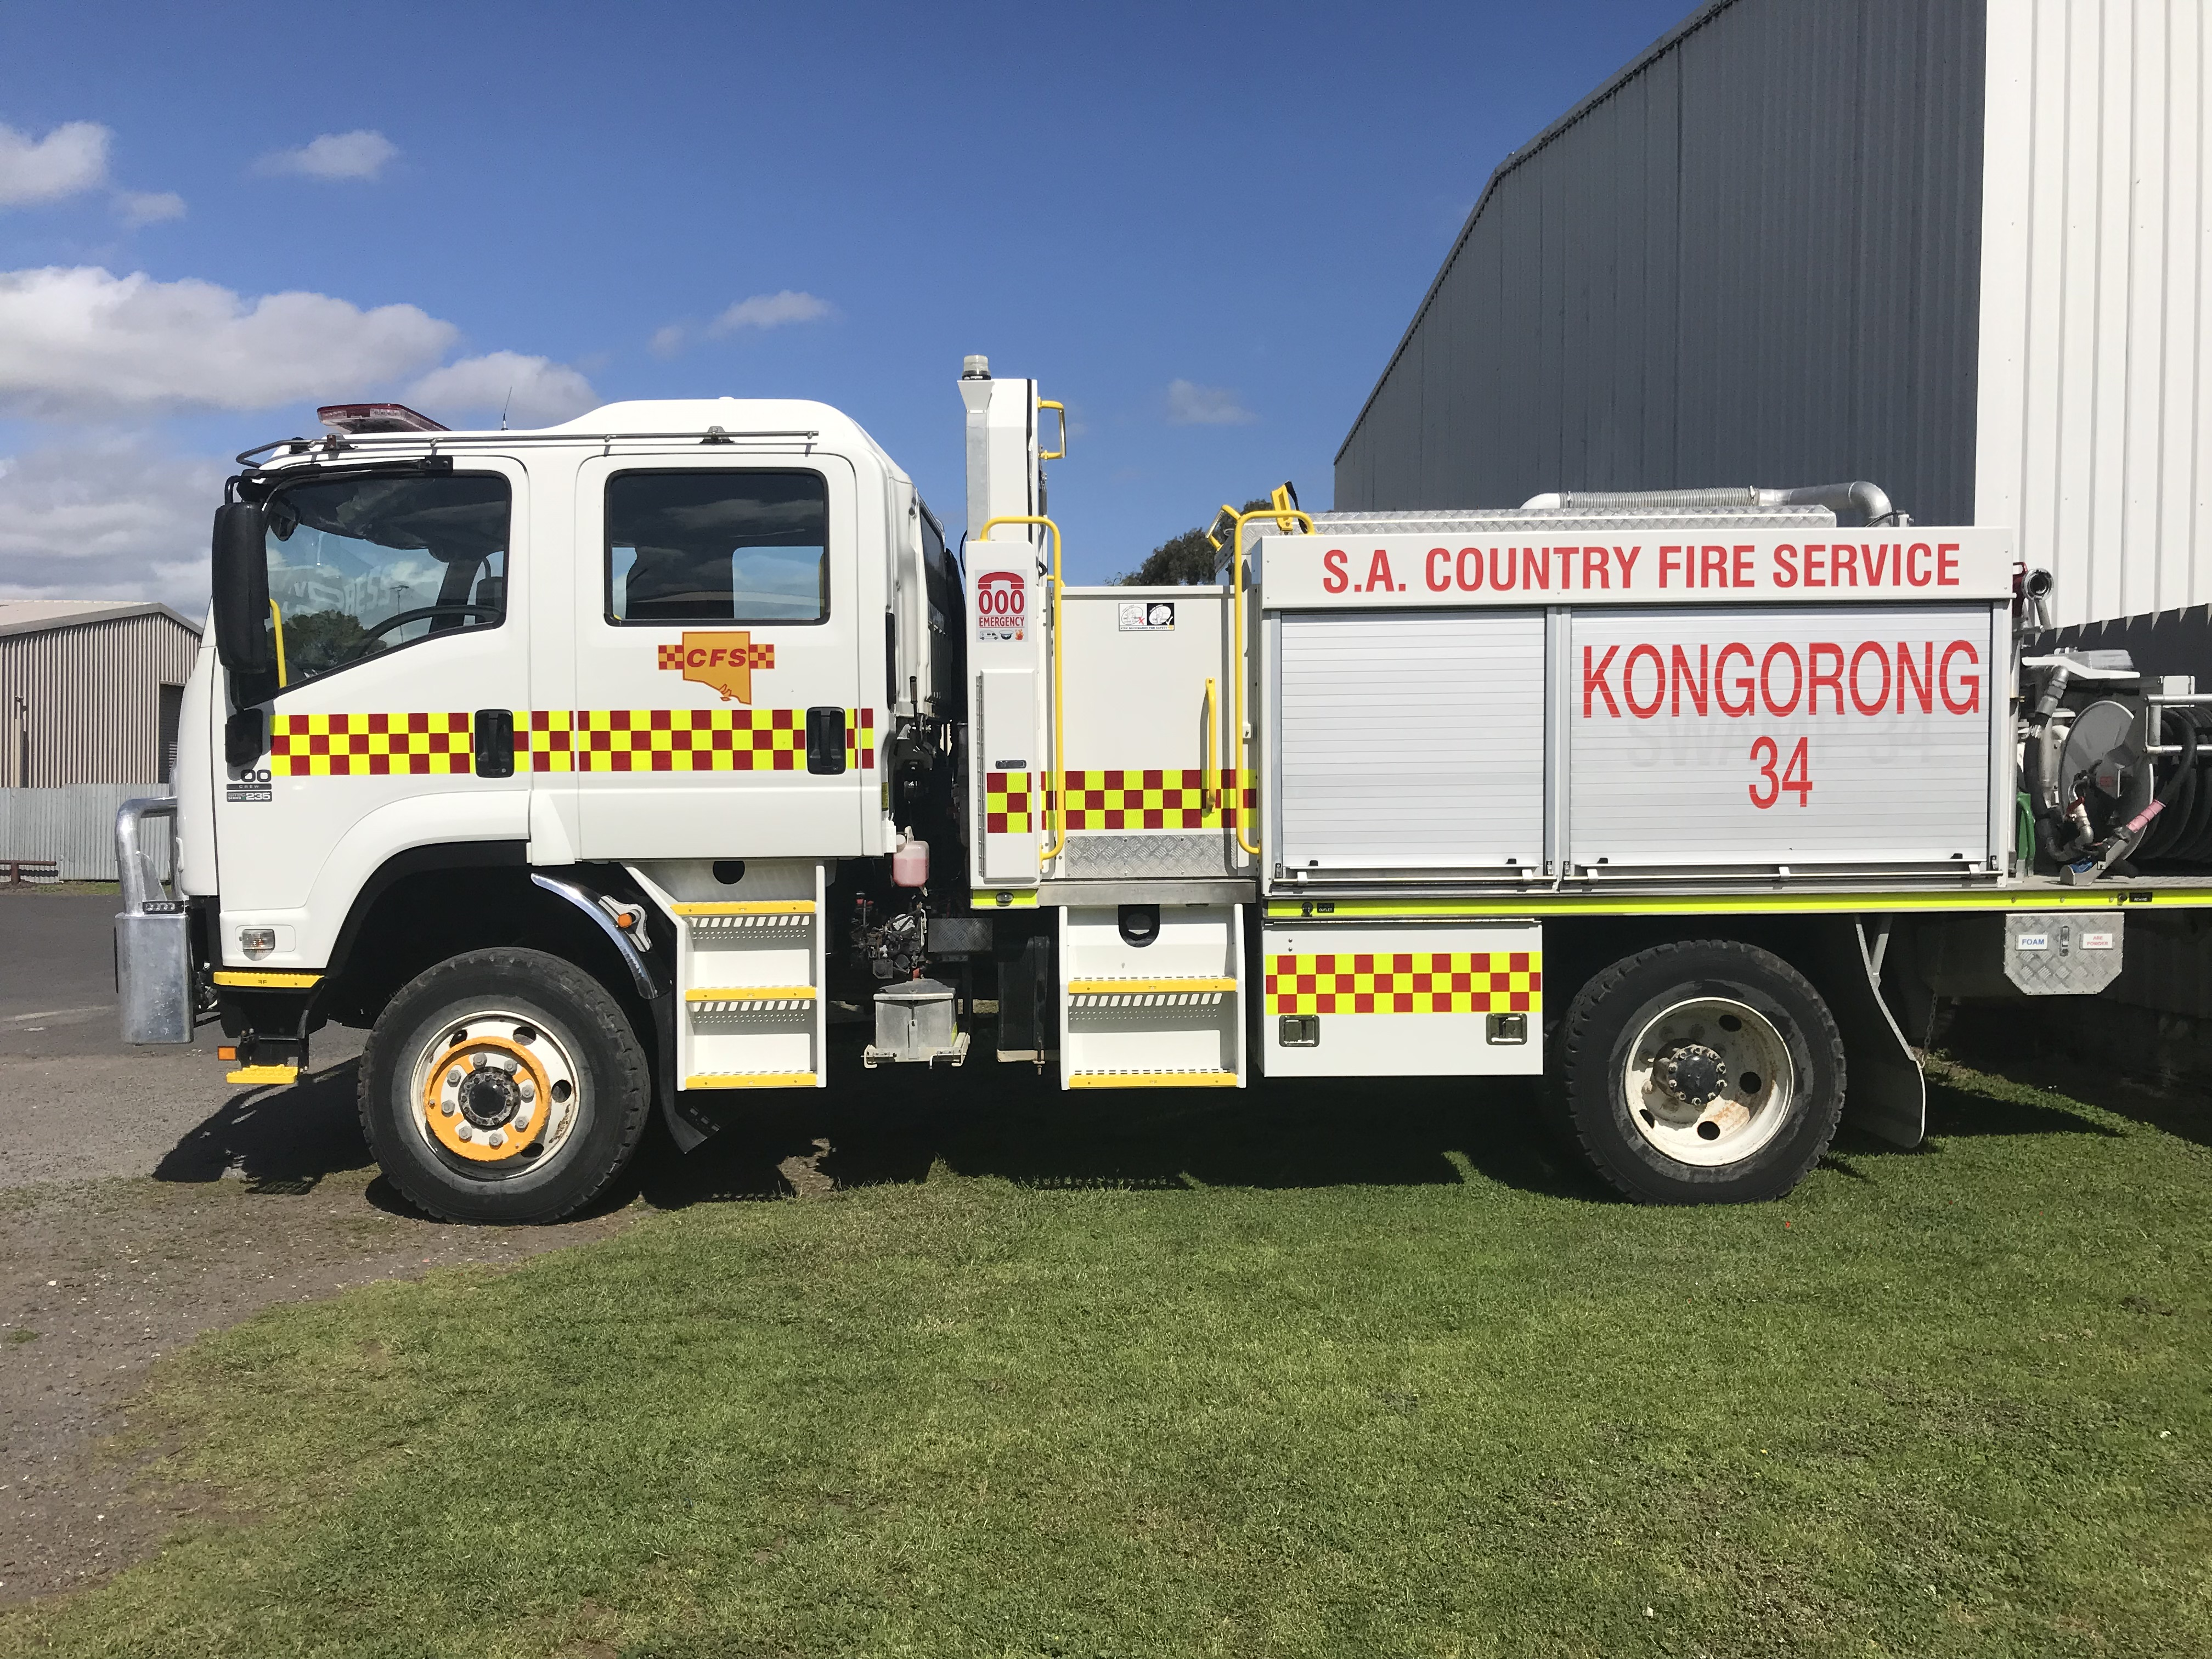 CFS Fire Truck Signage